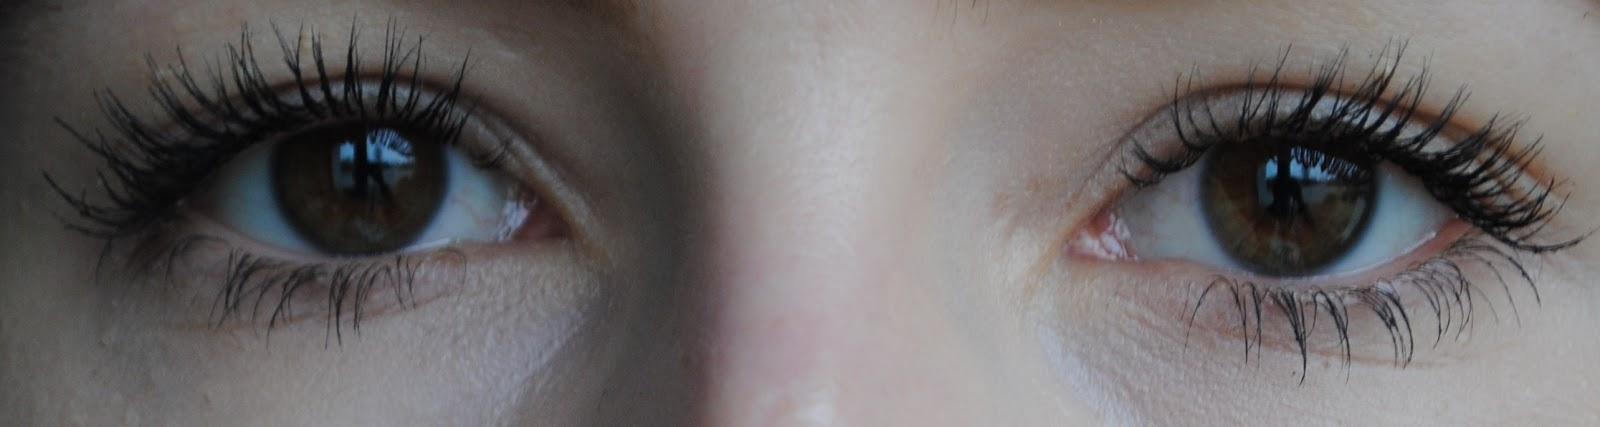 swatch korektor pod oczy catrice